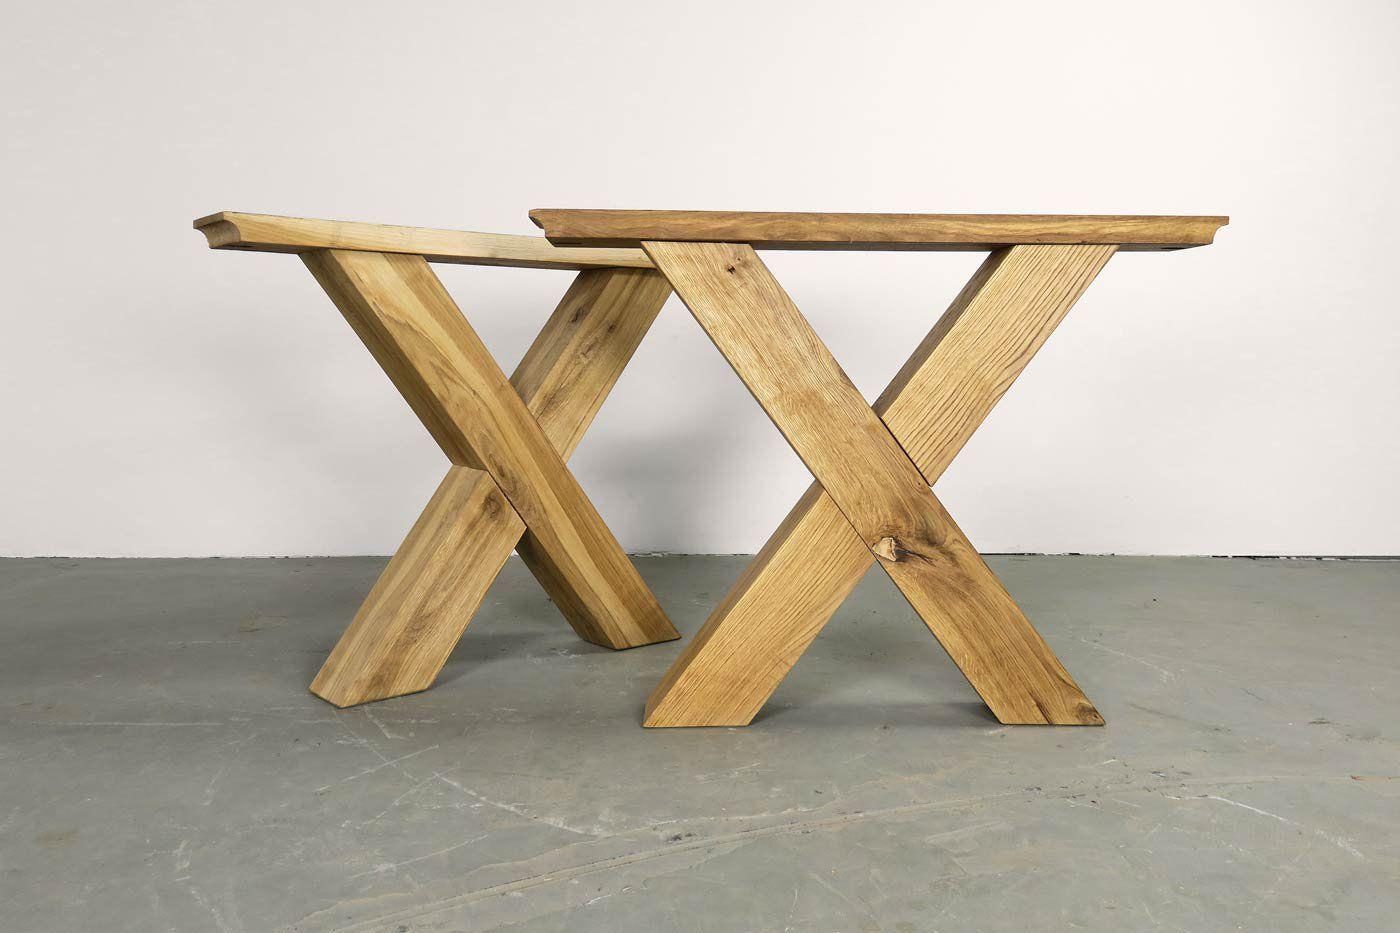 Eiche Tischgestell Massiv Norik Festgrosse 2er Set Tischgestell